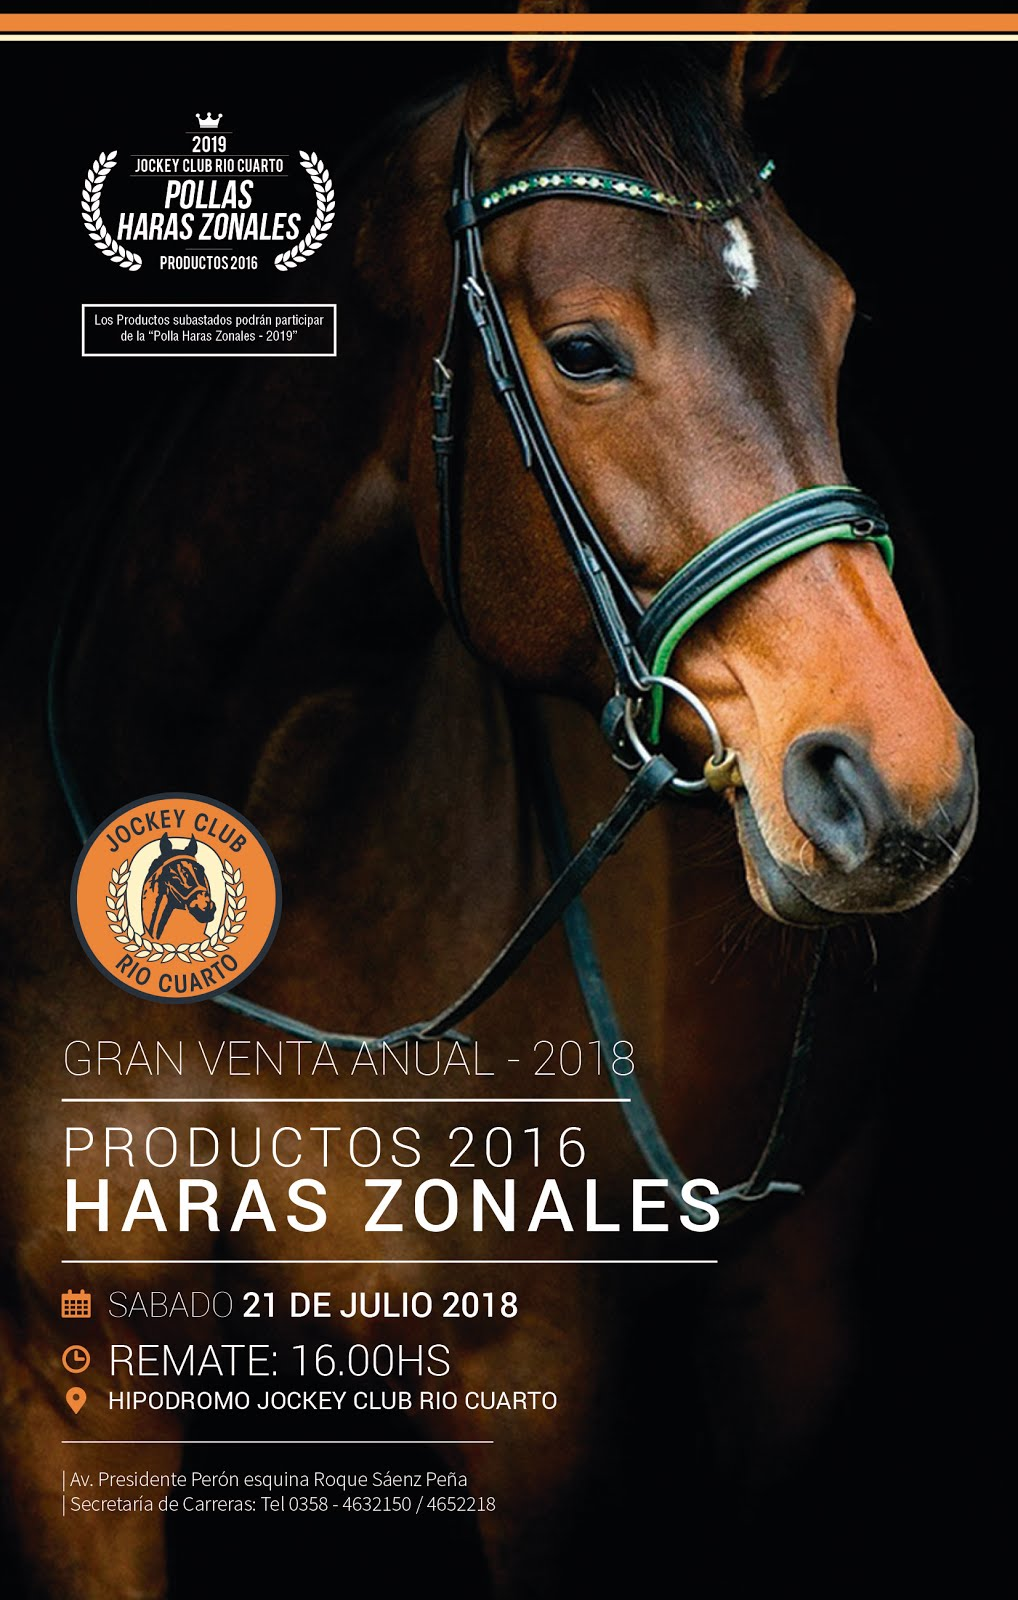 DESCARGA EL CATALOGO - GRAN VENTA ANUAL DE PRODUCTOS 2018 - PRODUCTOS HARAS ZONALES 2016